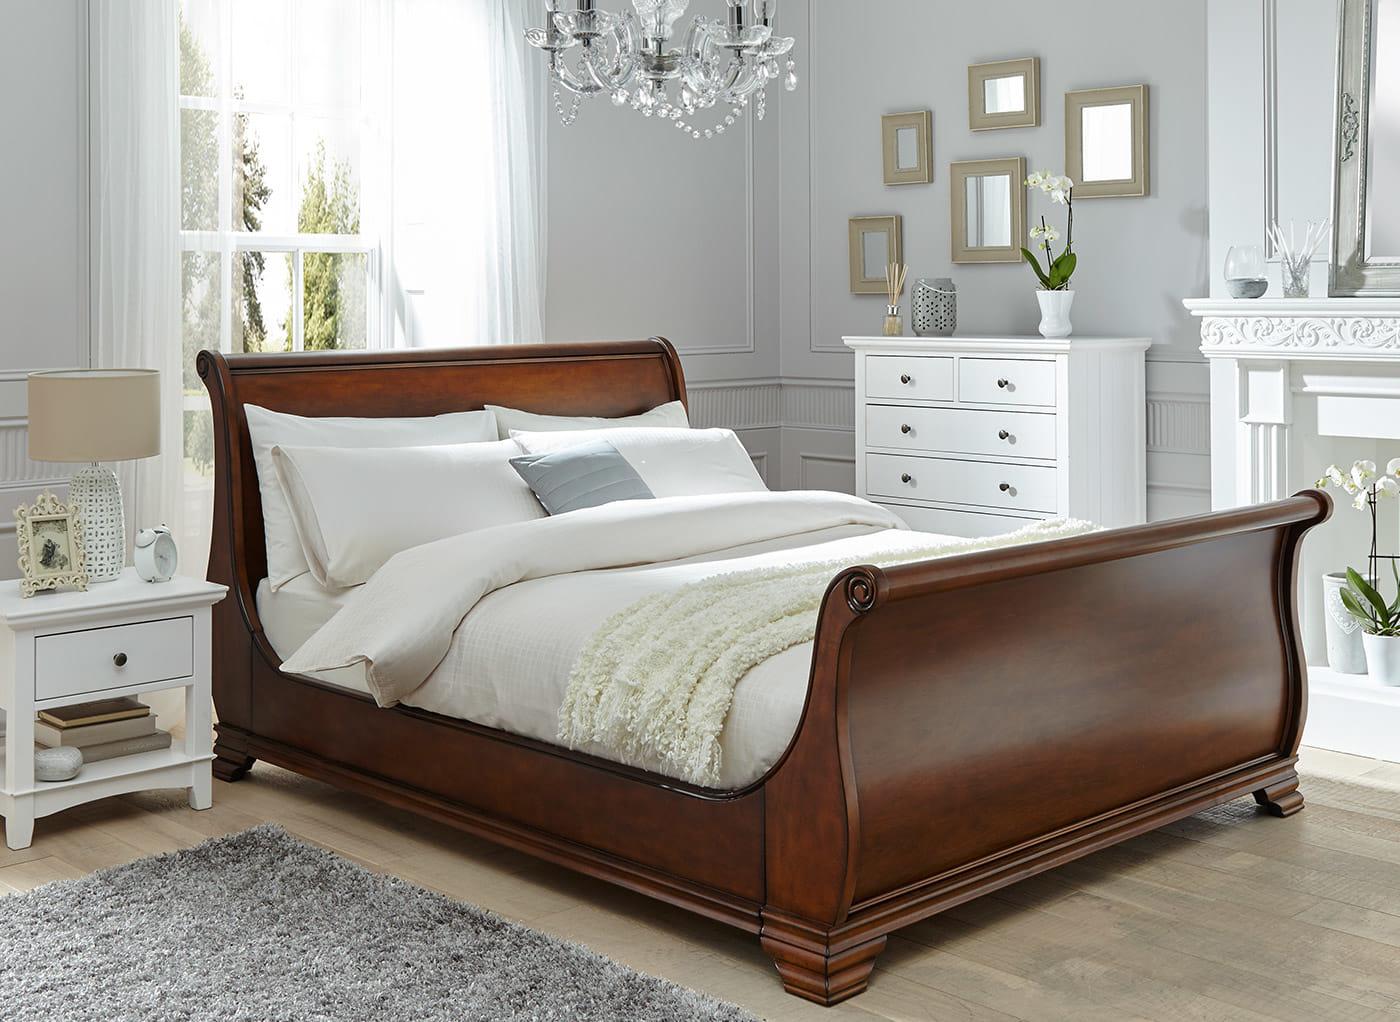 Кровать из массива в стиле прованс